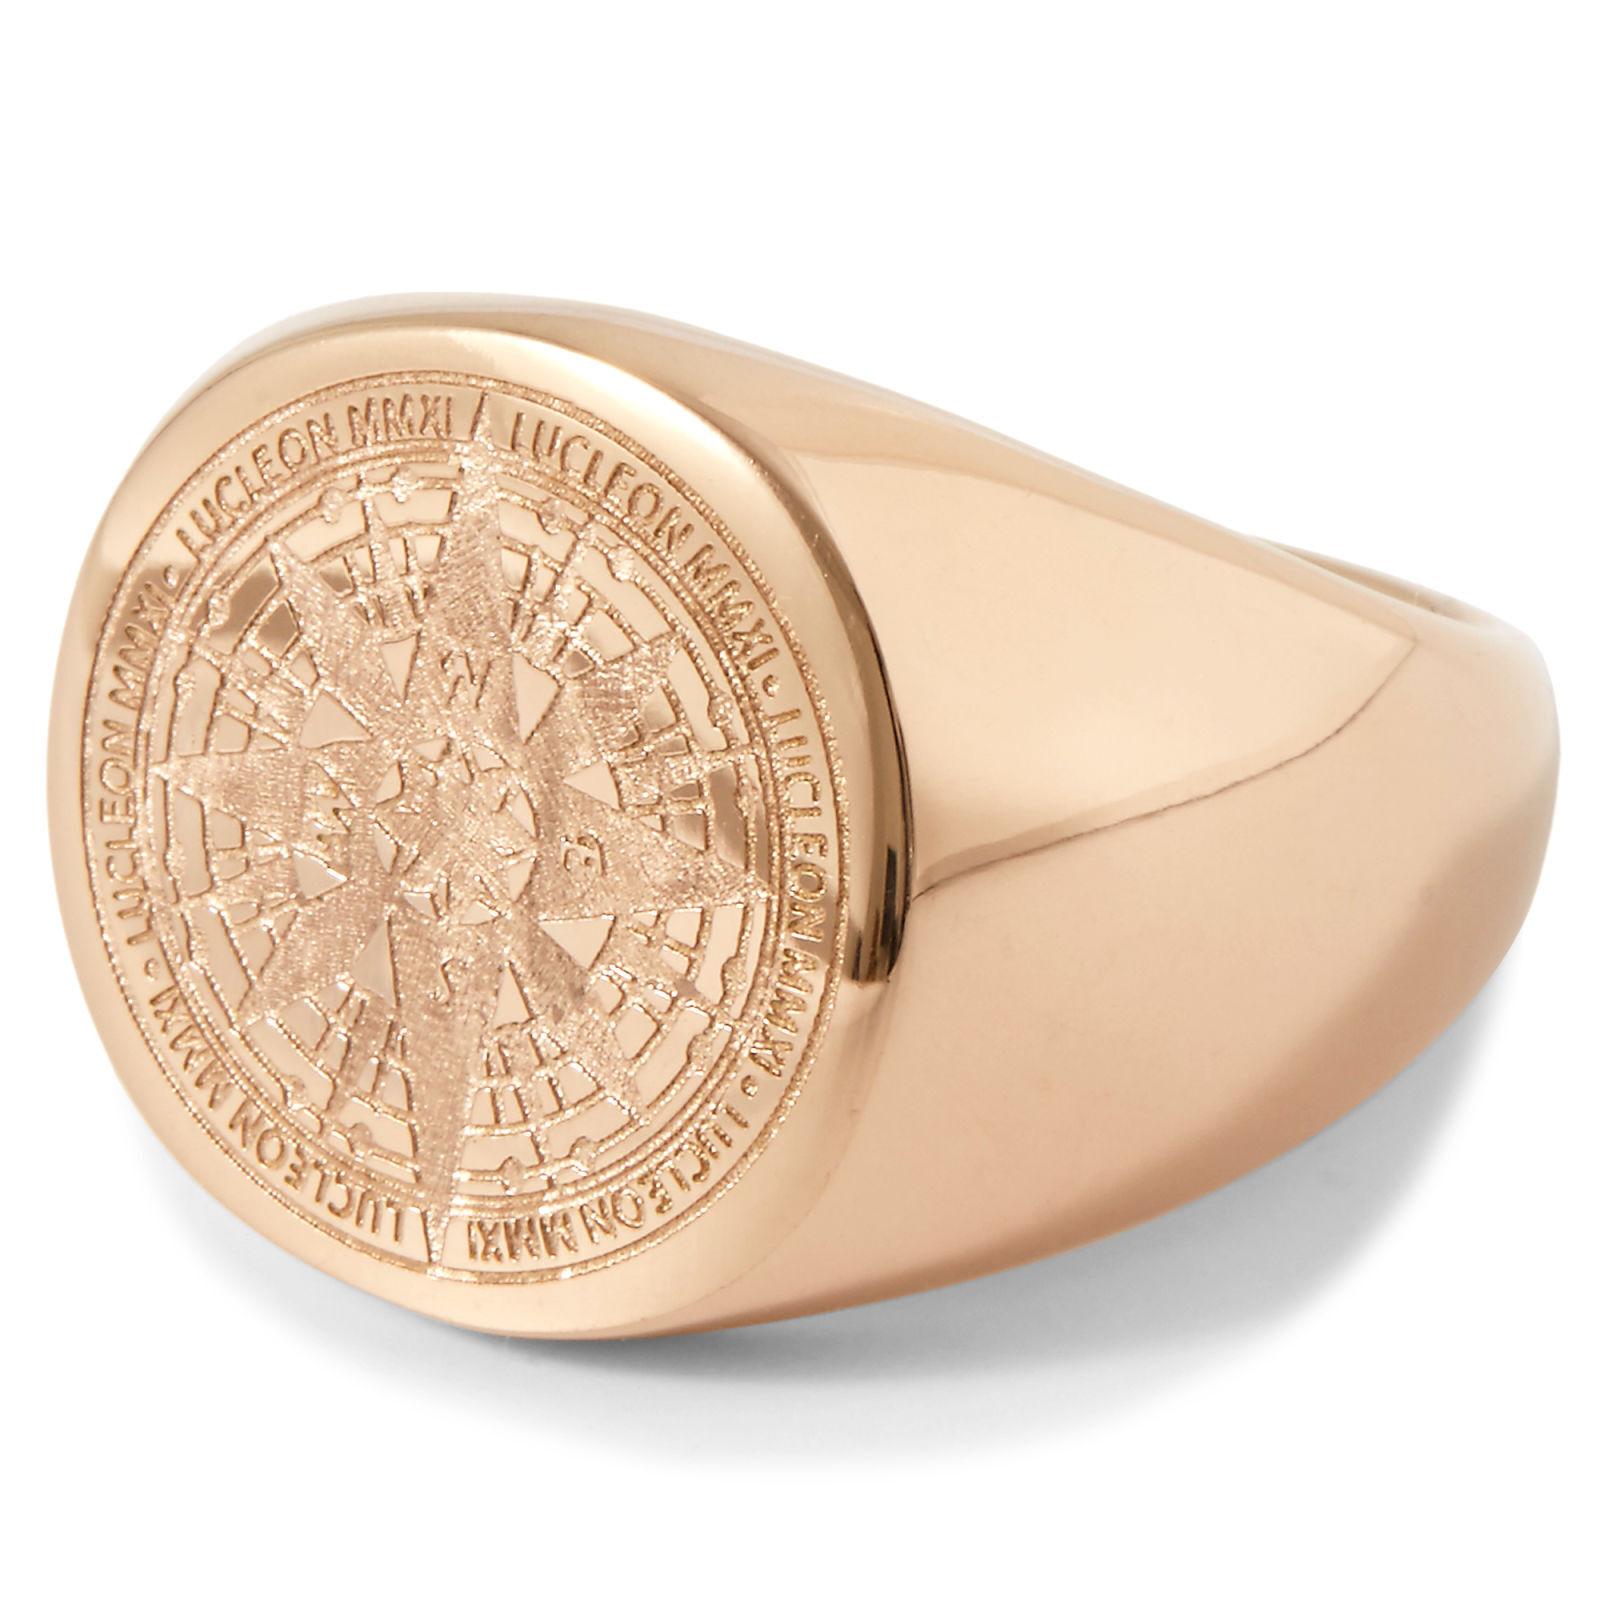 Lucleon Ruusukultainen Ryker-sormus